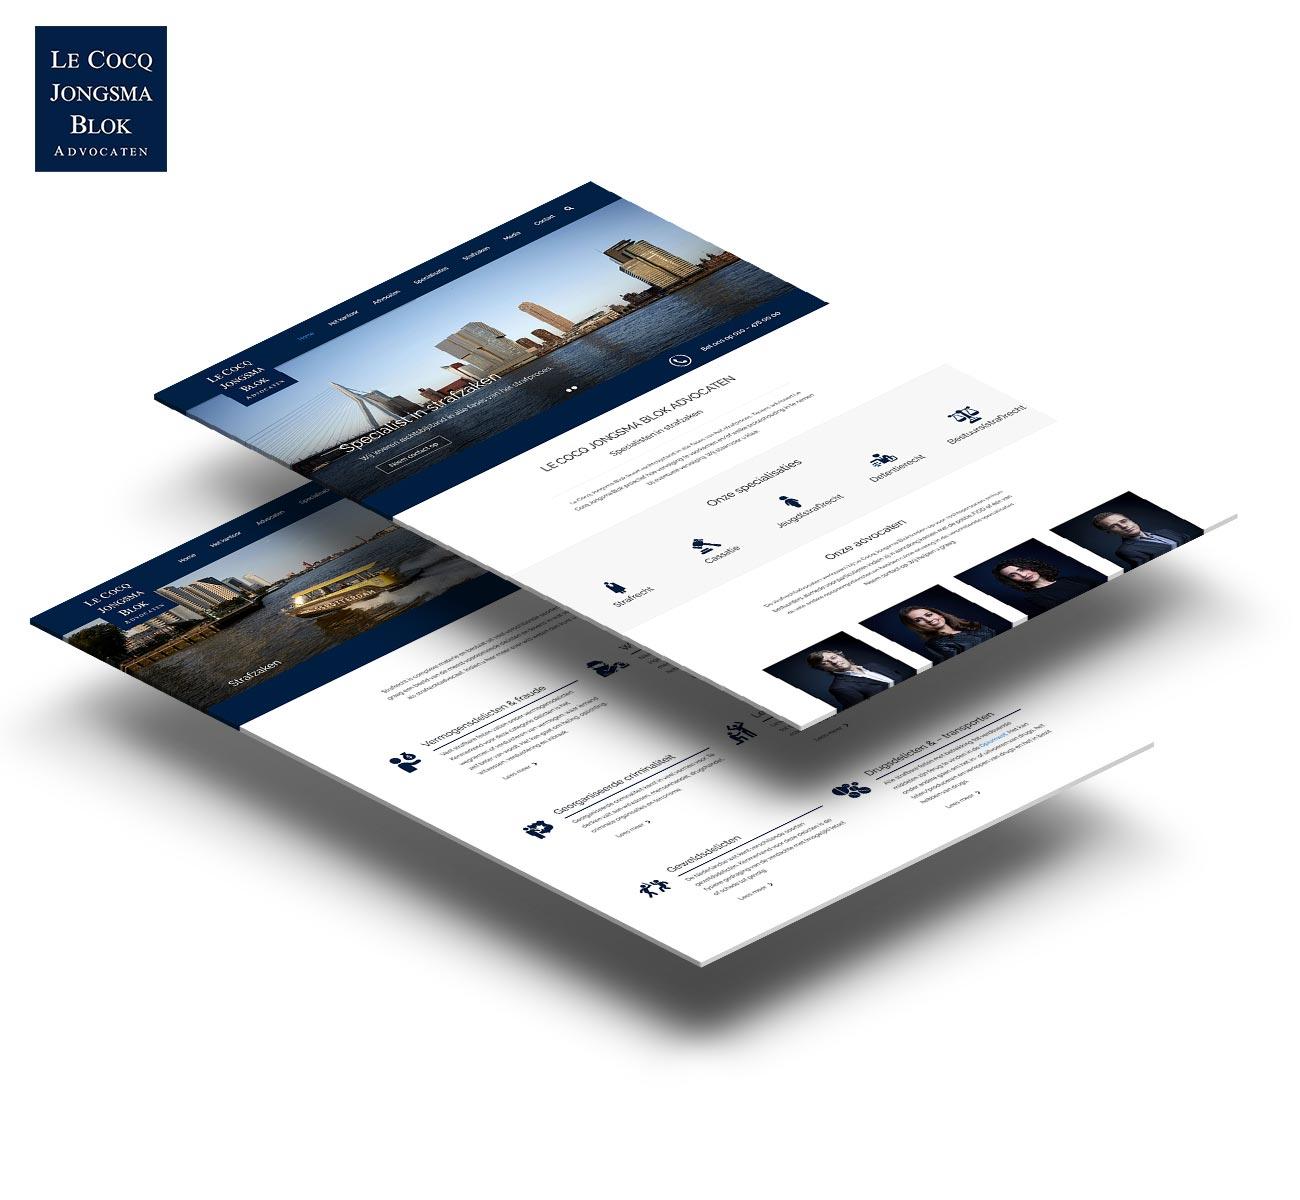 Le Cocq Jongsma Blok Advocaten website